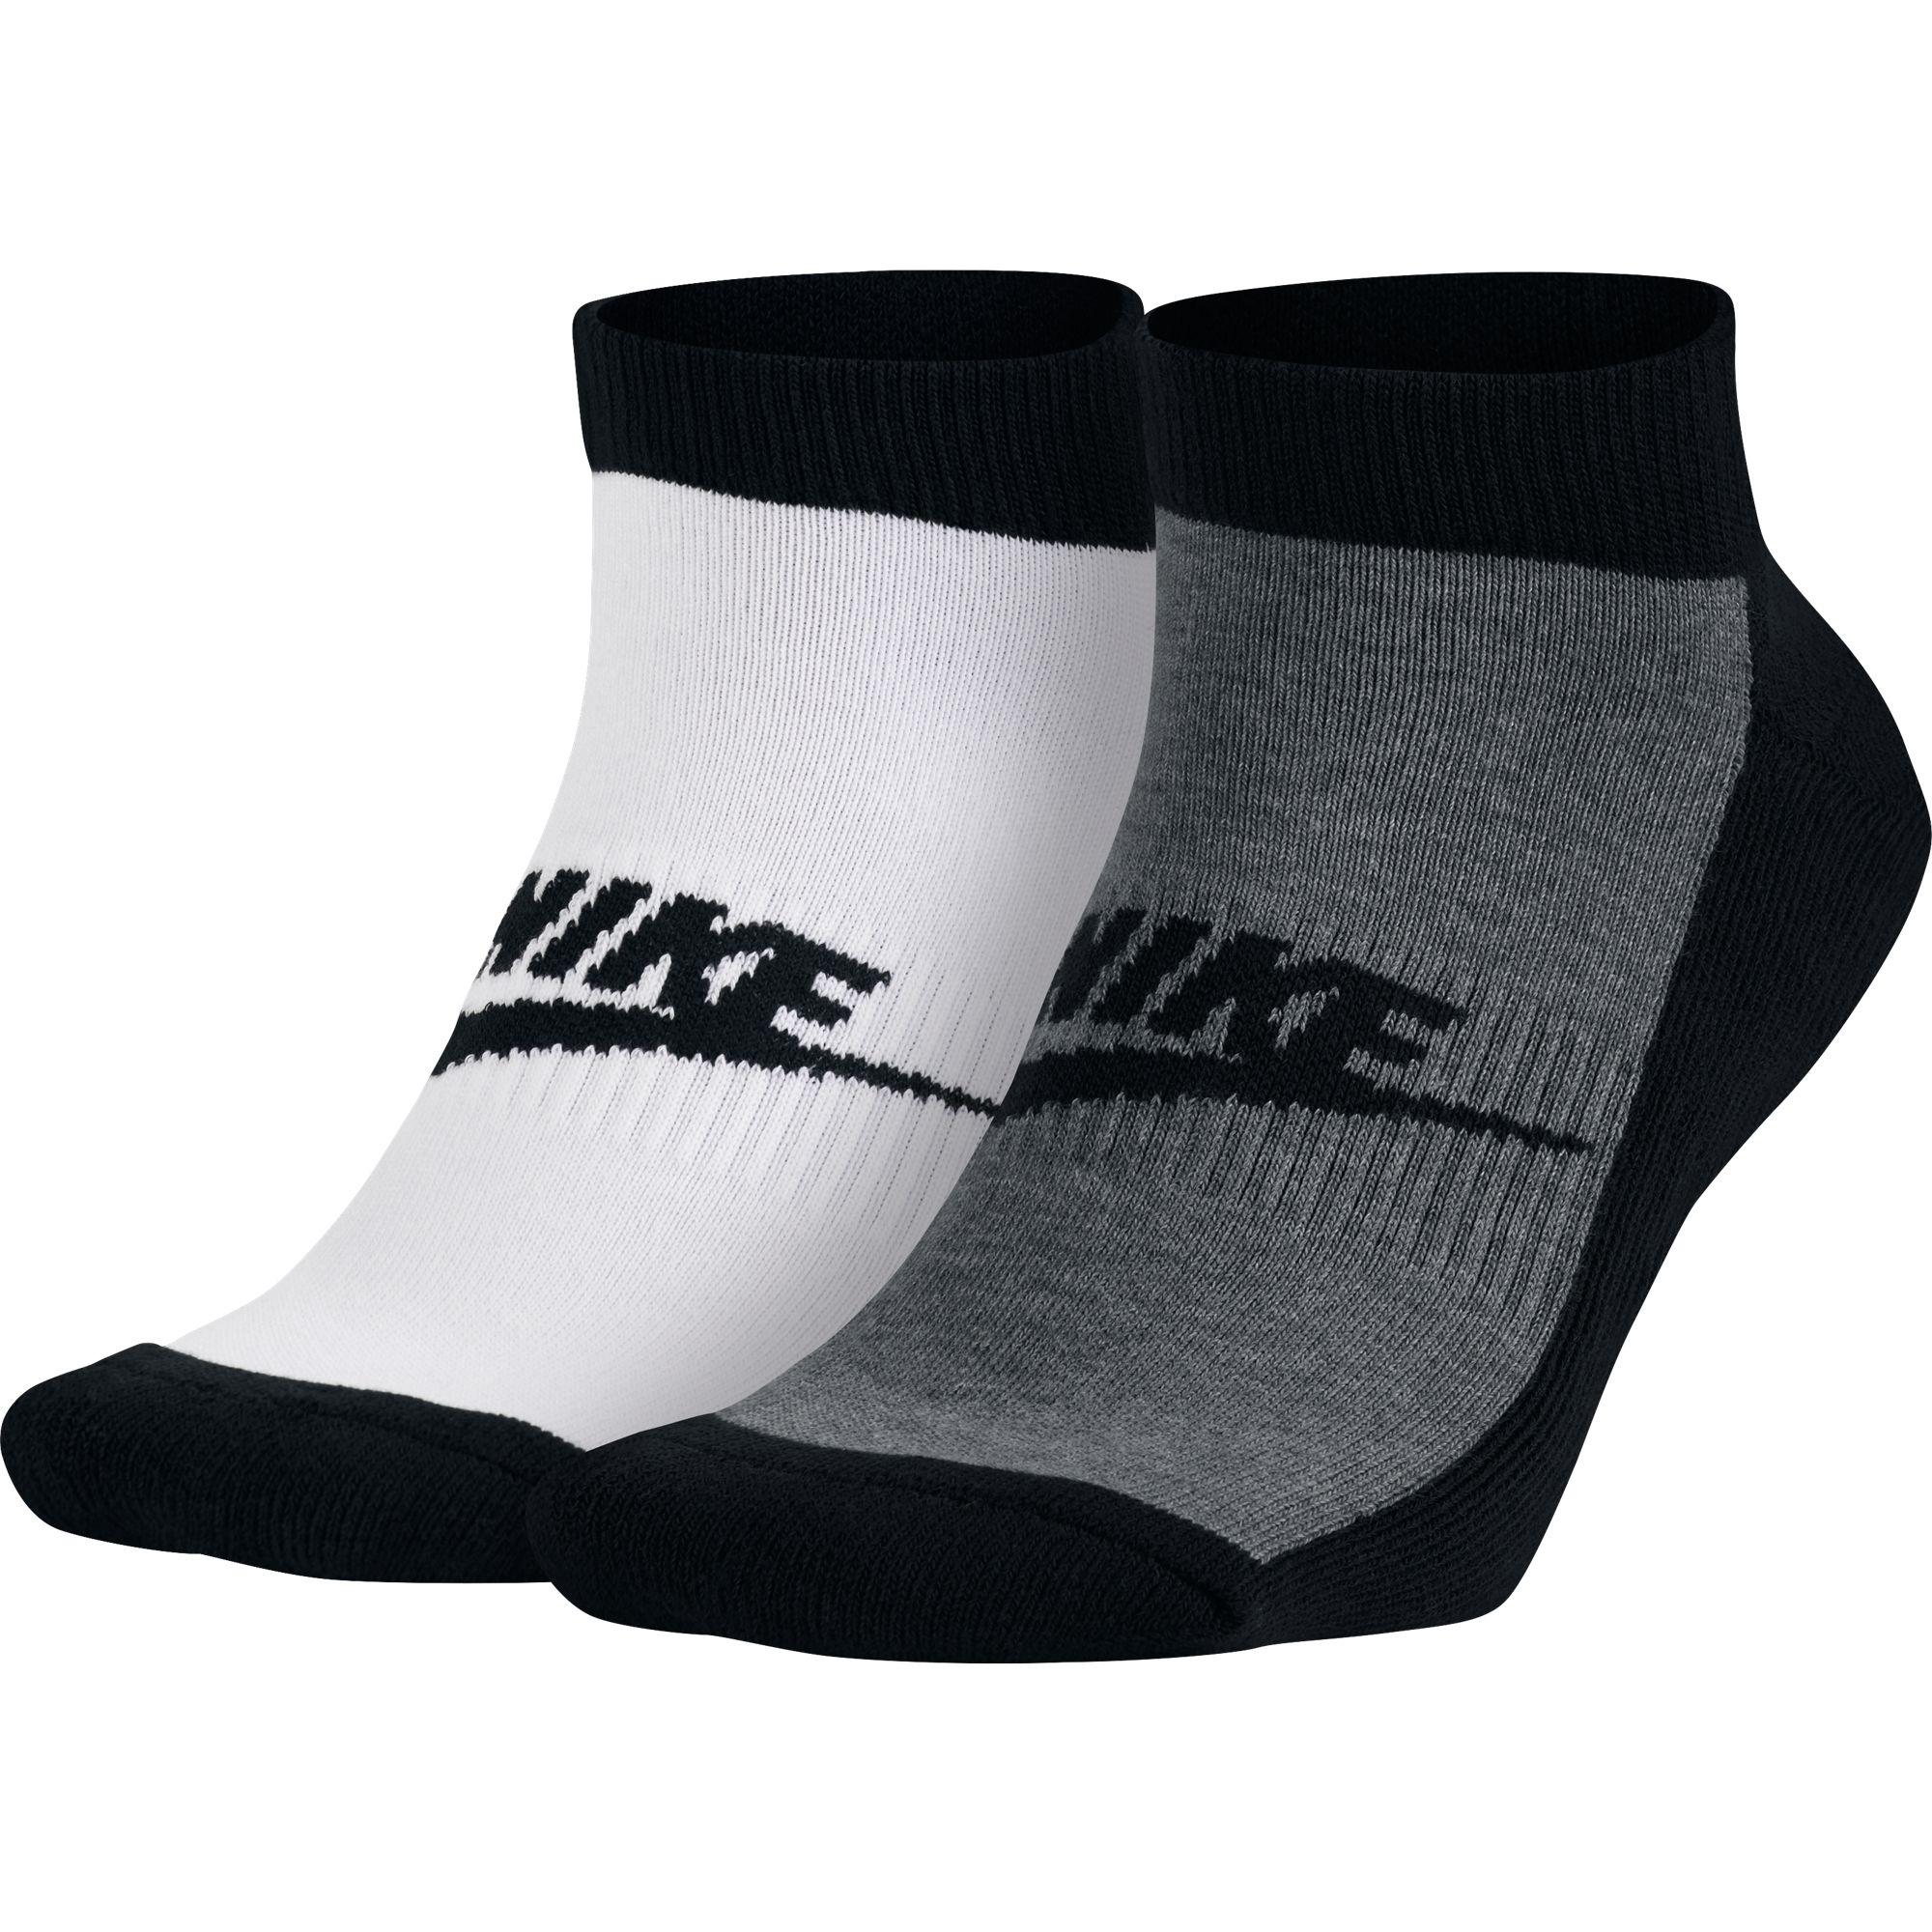 d3240634424 Pánske ponožky Nike GRAPHIC NO SHOW SOCKS (2 PAIR) sivé